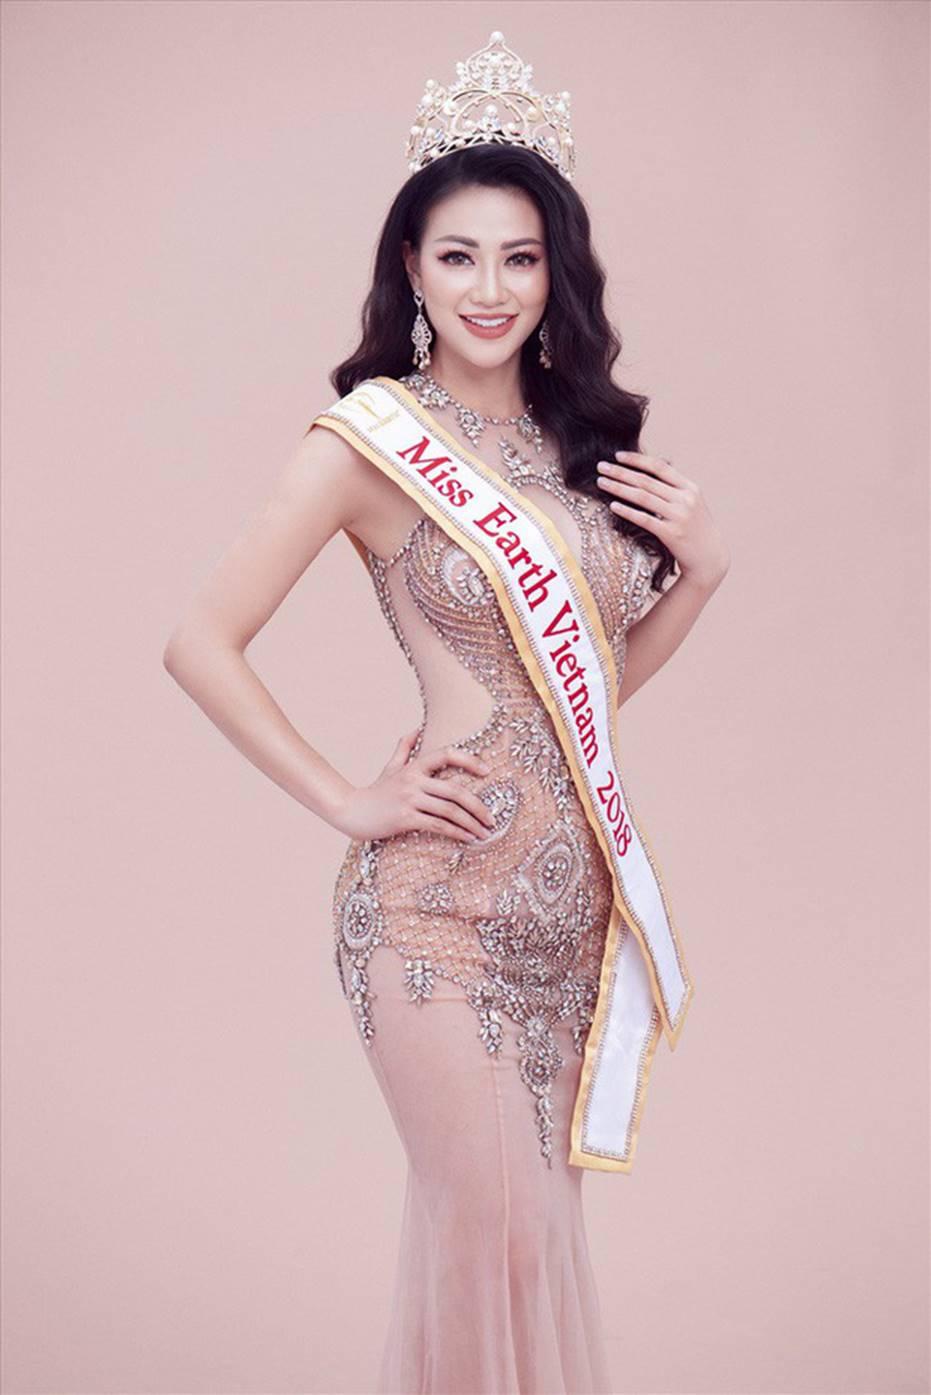 Top những hoa hậu học giỏi bậc nhất thế giới, Việt Nam cũng góp mặt 2 đại diện siêu đỉnh: Người thi ĐH 29.5 điểm, người là du học sinh-18